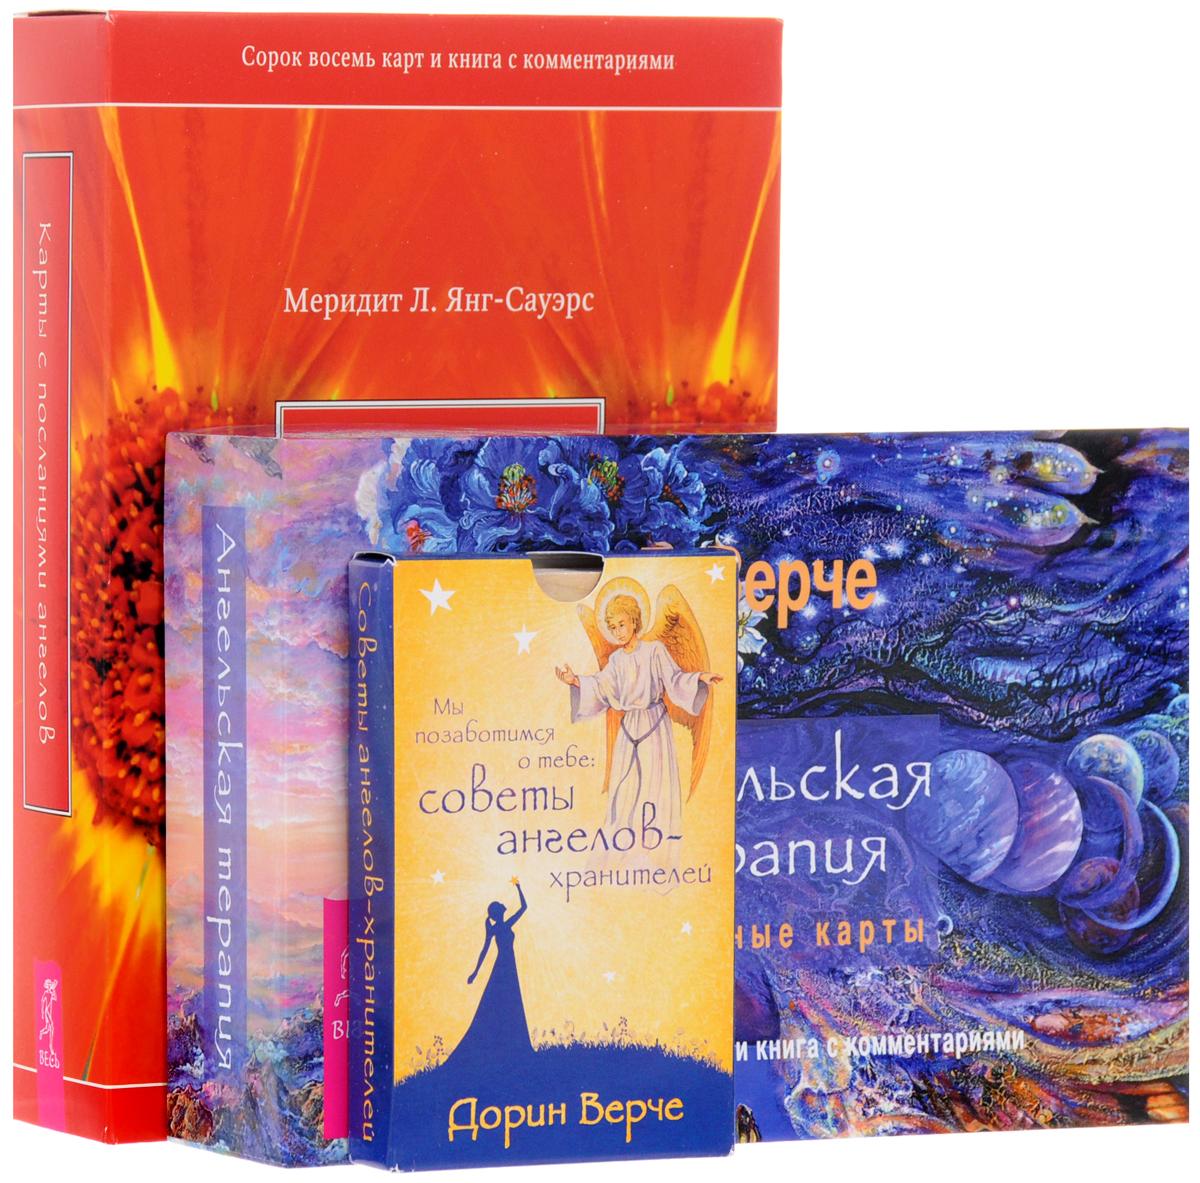 Дорин Верче, Меридит Л. Янг-Сауэрс Ангельская терапия. Карты с посланиями ангелов (комплект из 2 книг + 3 колоды карт)